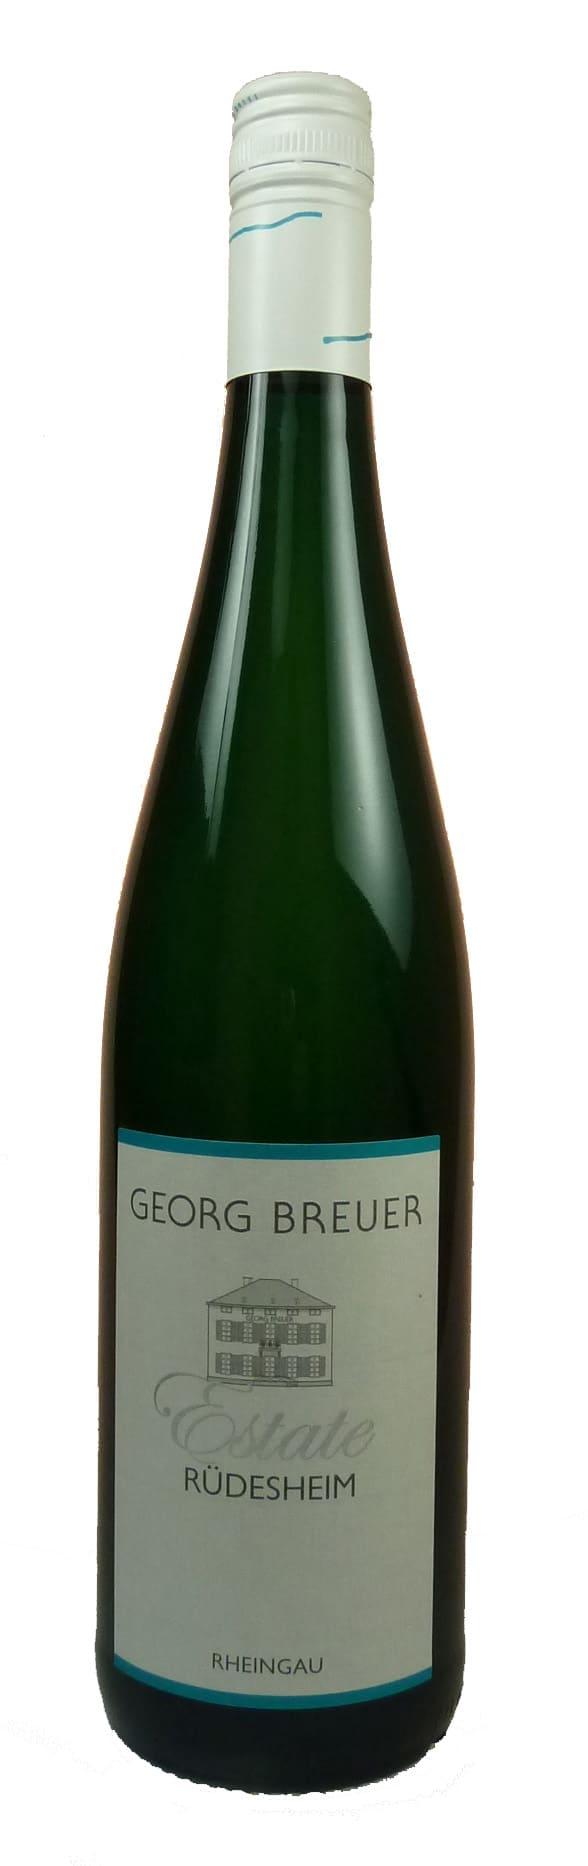 Estate Rüdesheim Riesling Qualitätswein trocken 2016